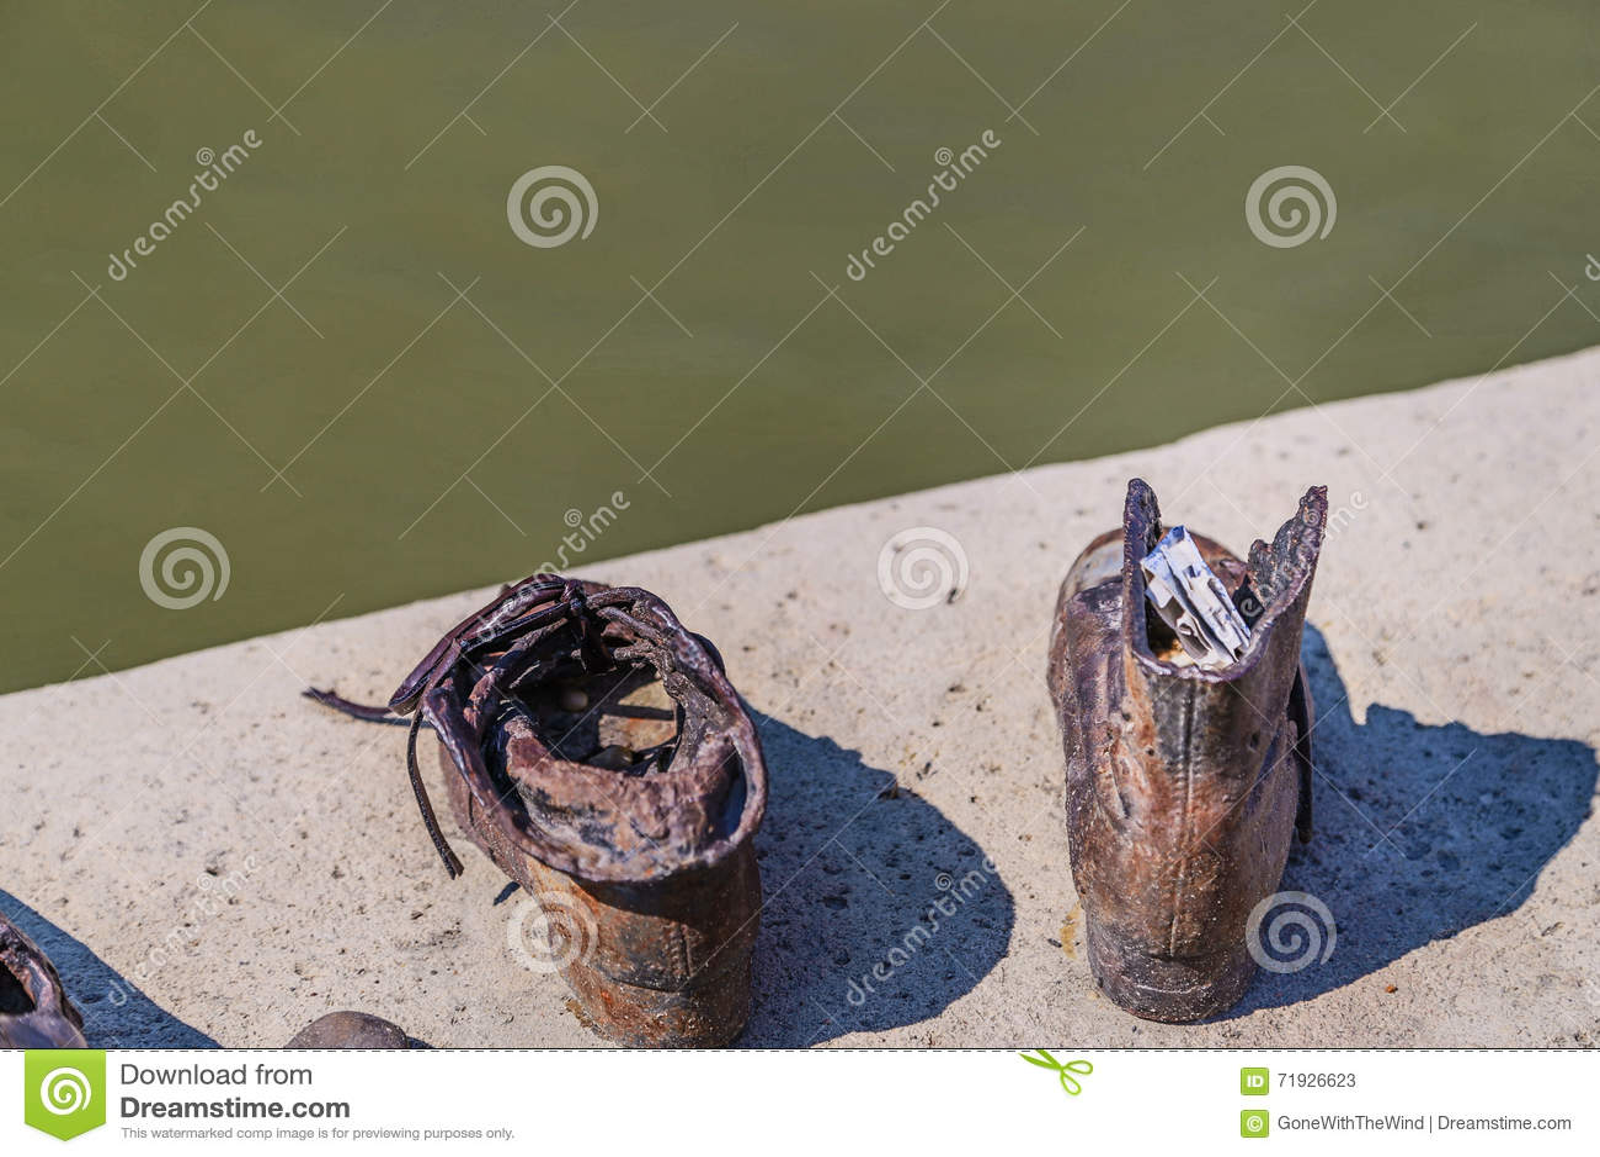 Сообщение на ботинке на прогулке Дуная